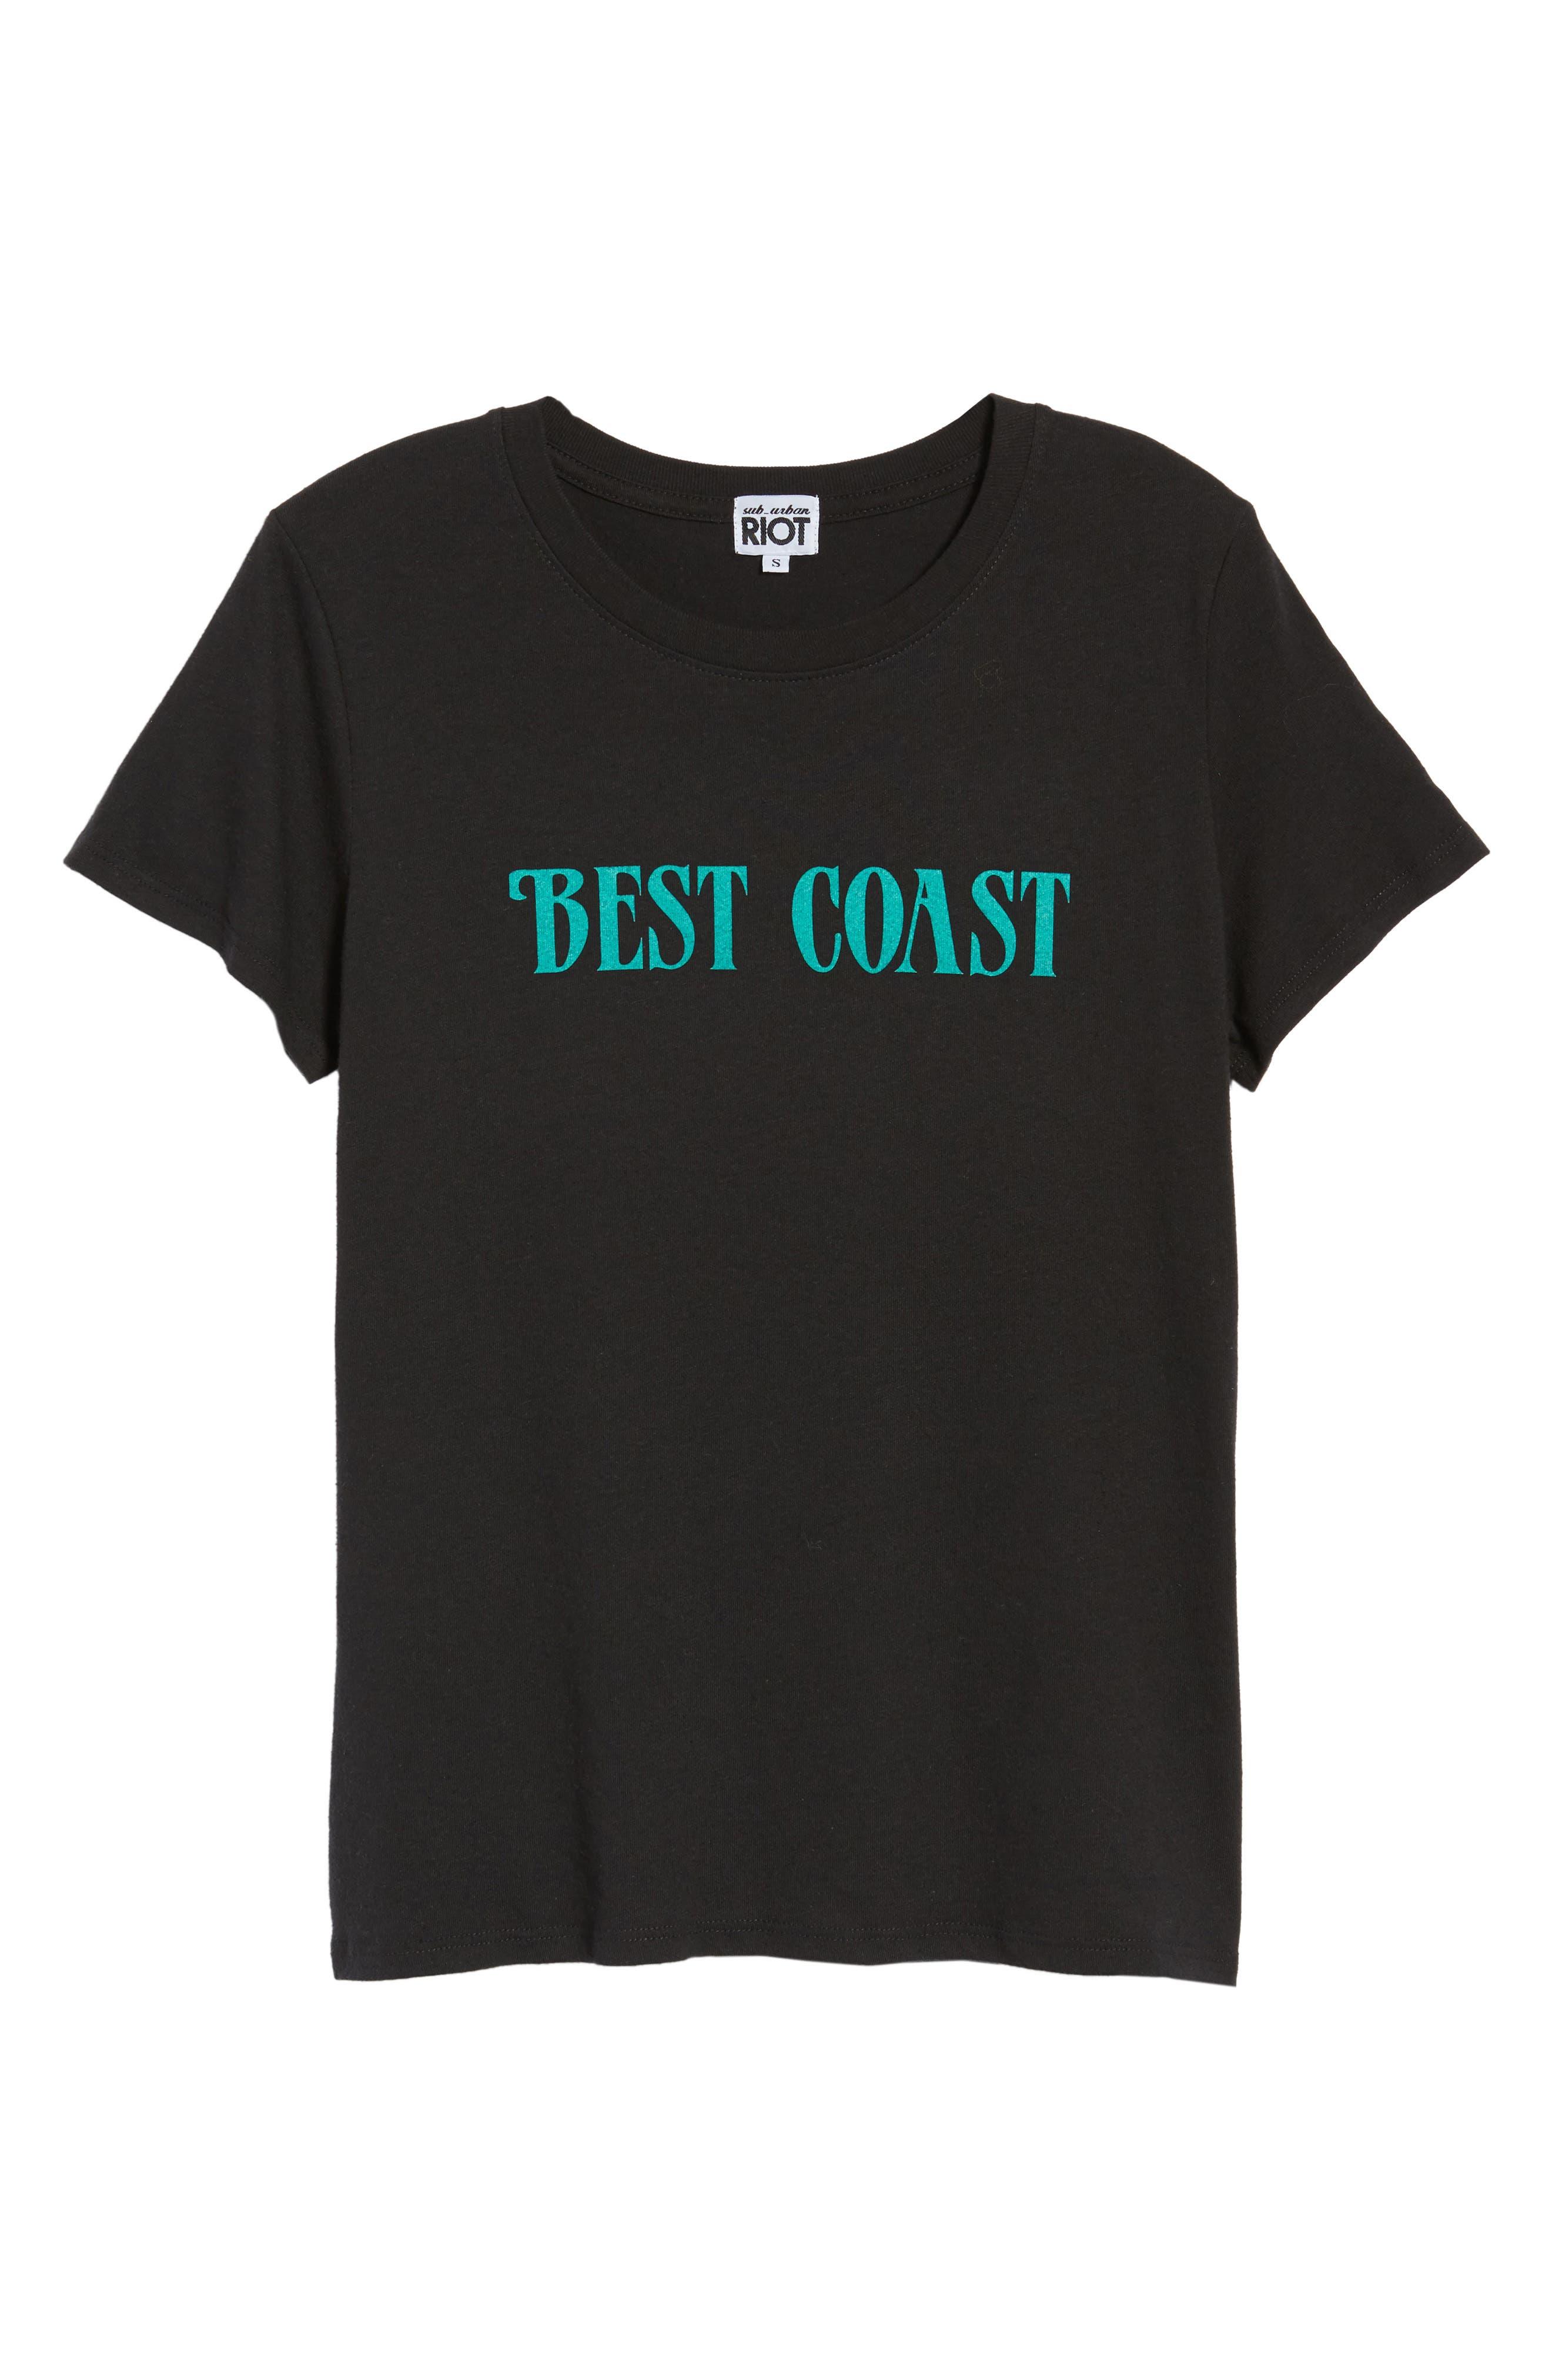 Best Coast Tee,                             Alternate thumbnail 7, color,                             Black